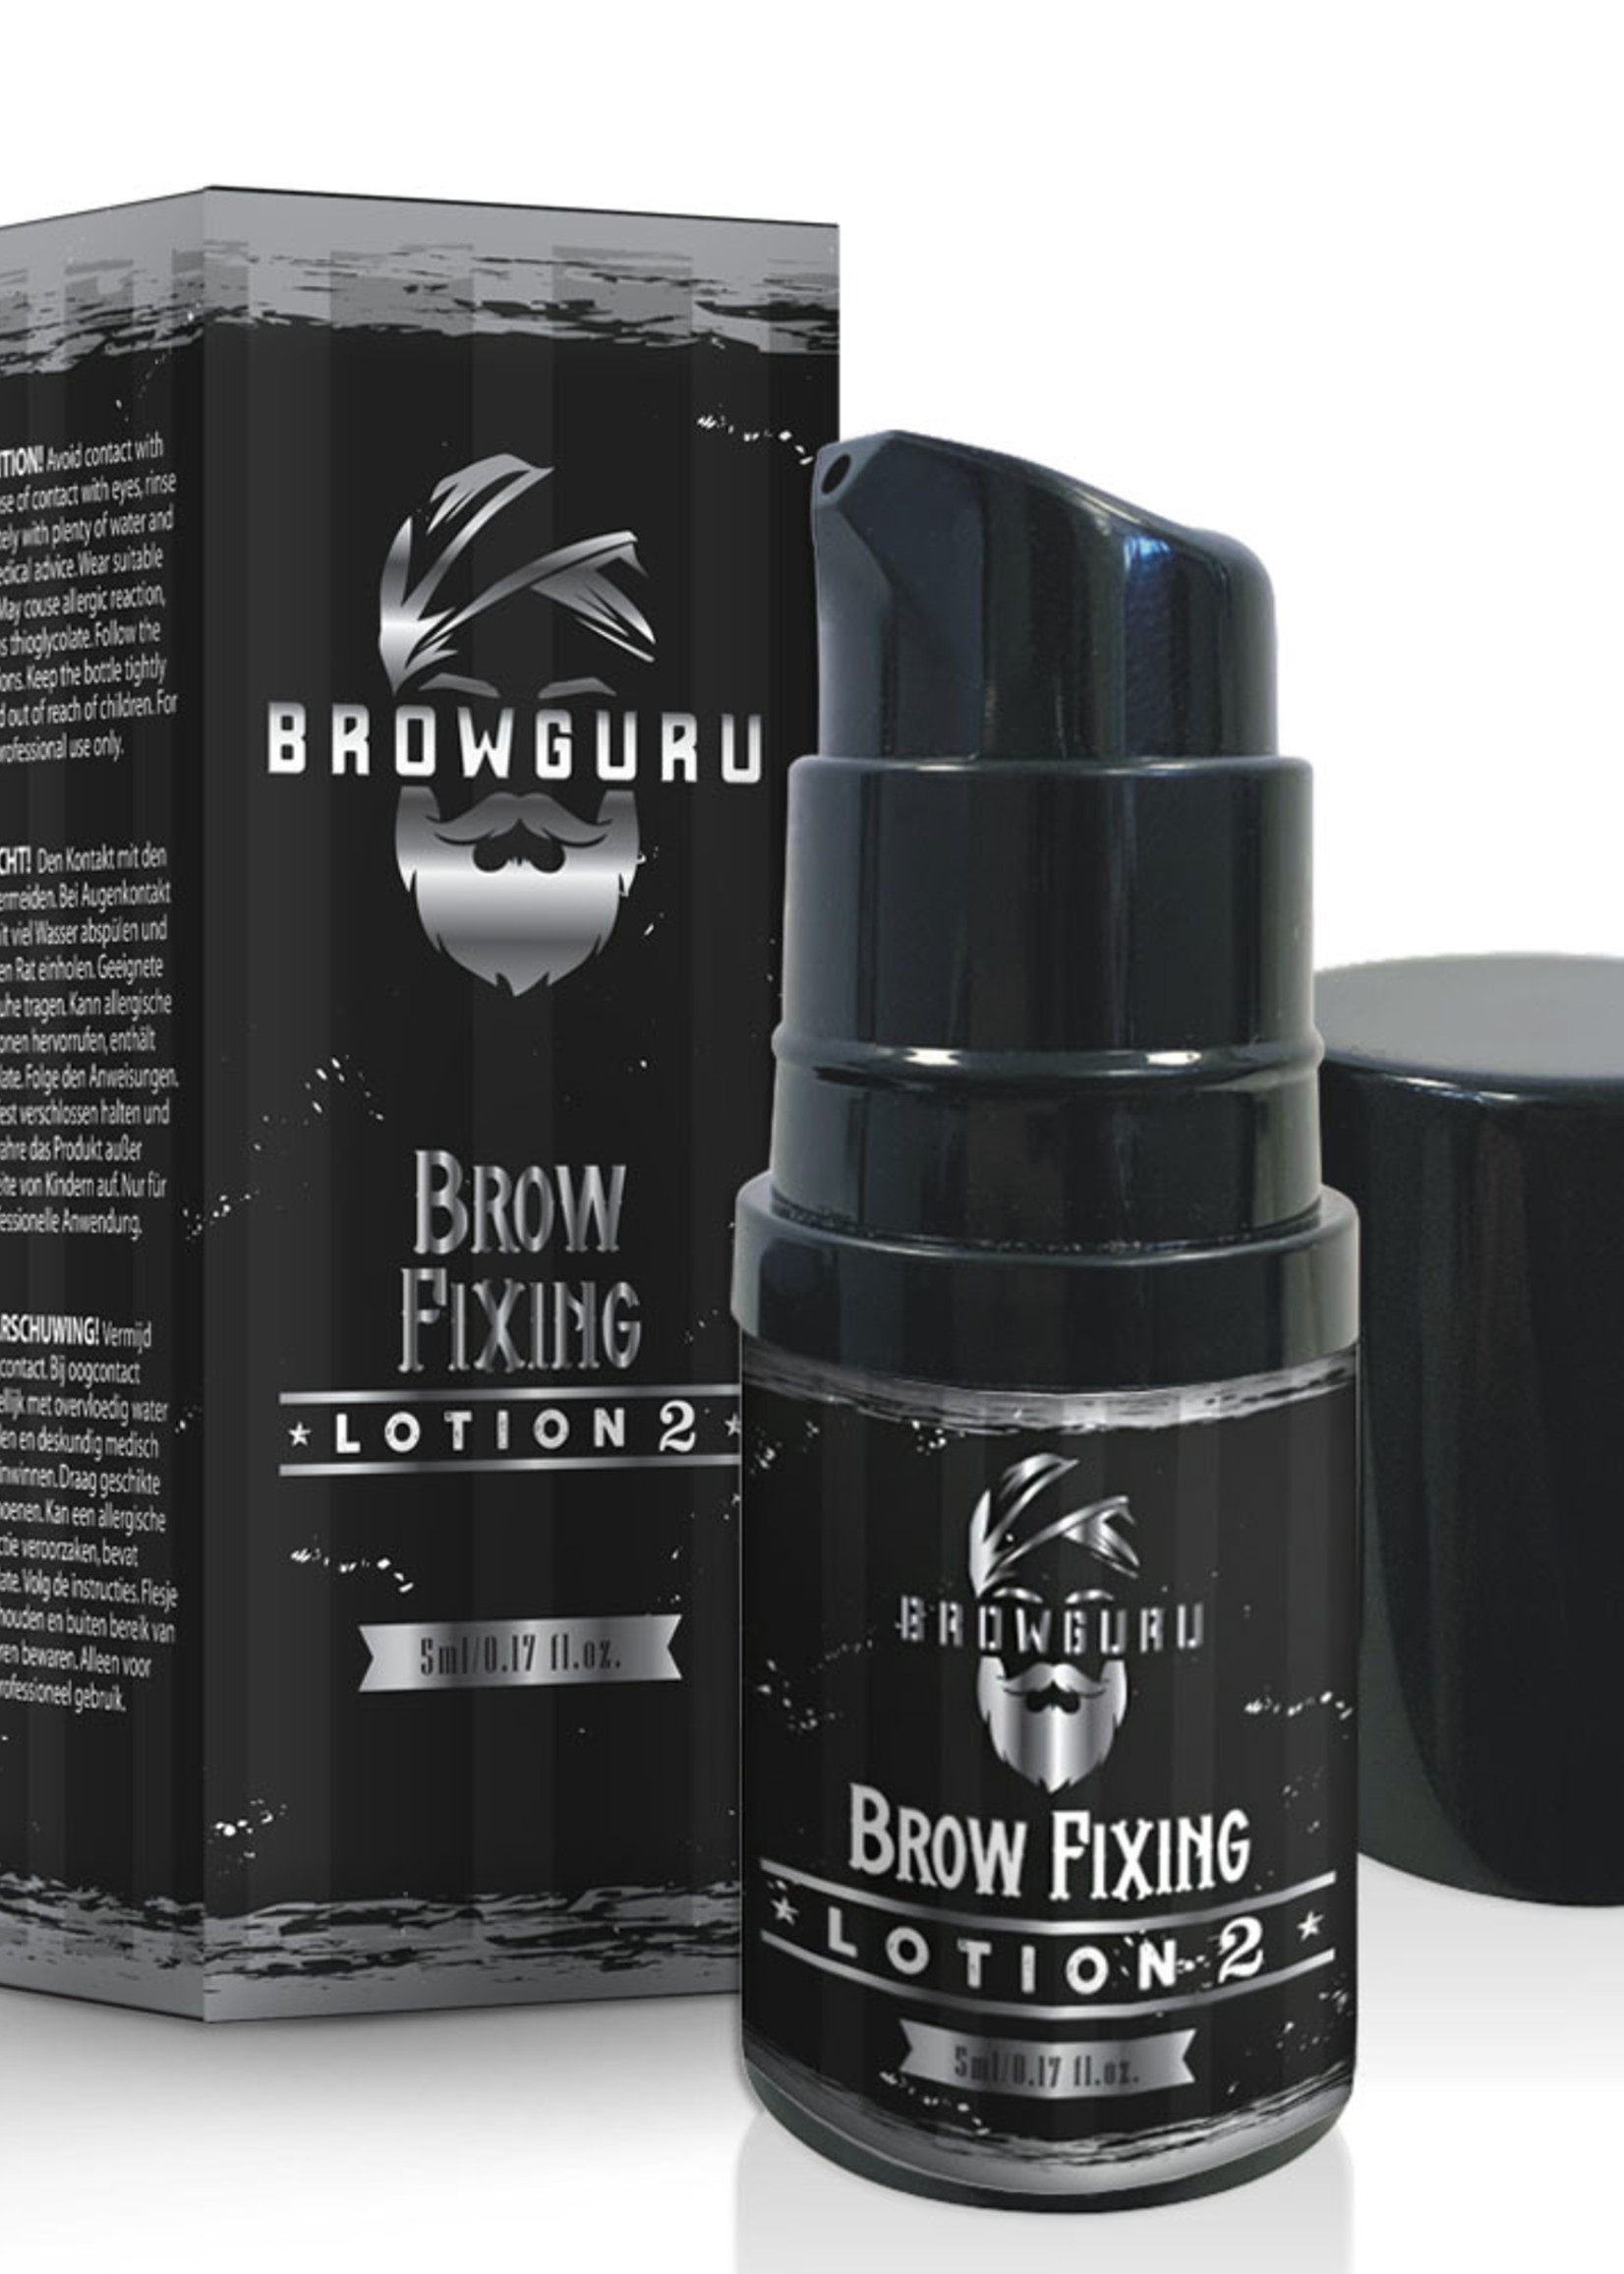 Browguru® Brow Lift Fixing Lotion 2  5ml